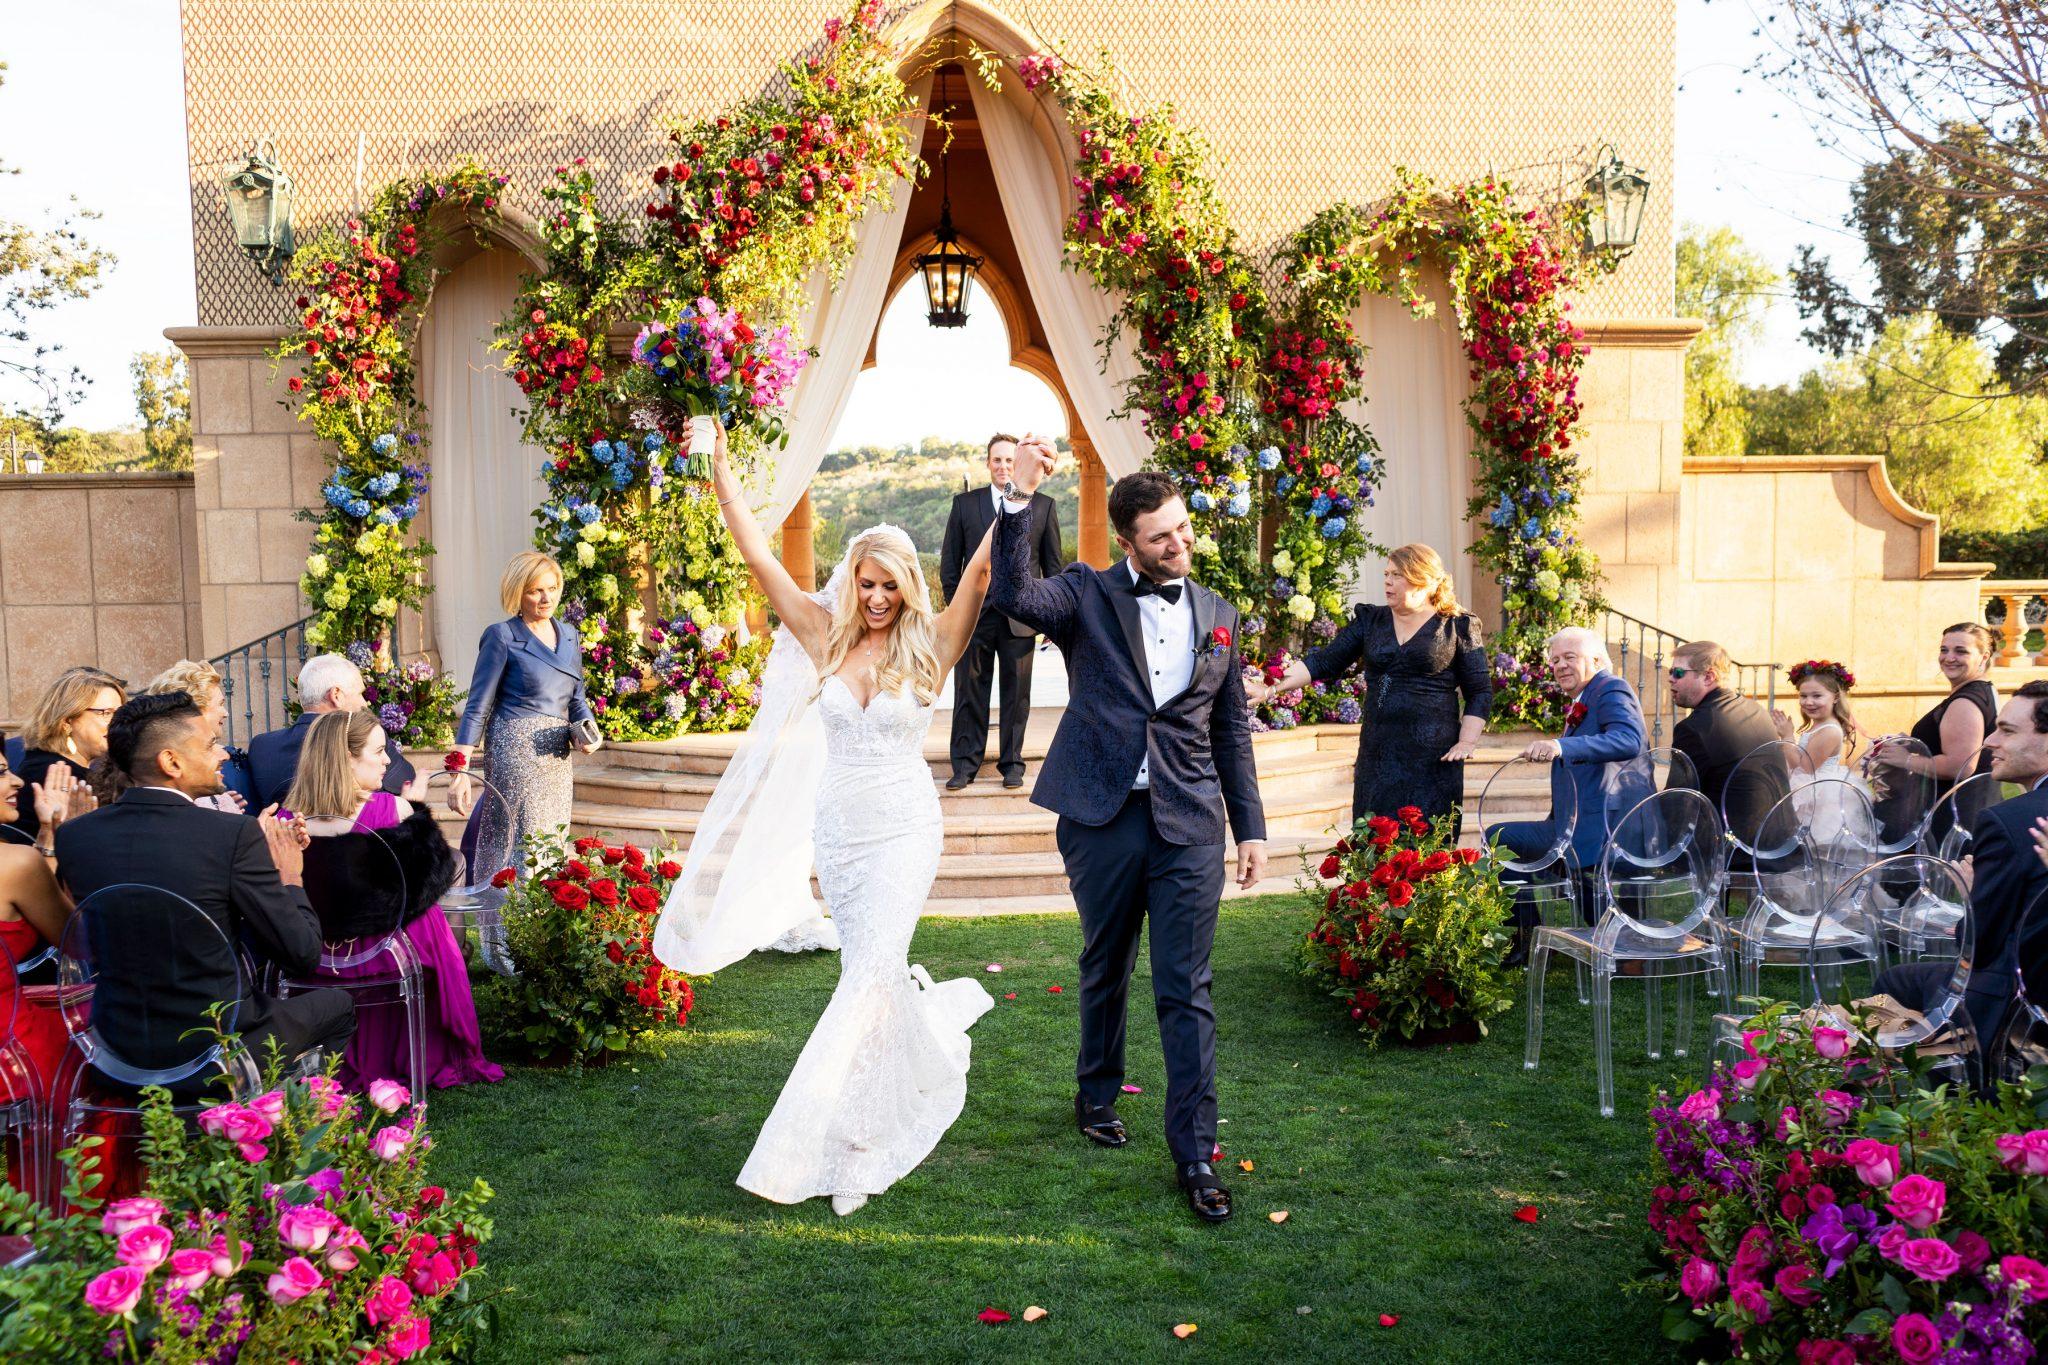 Fairmont Grand del Mar Wedding in San Diego